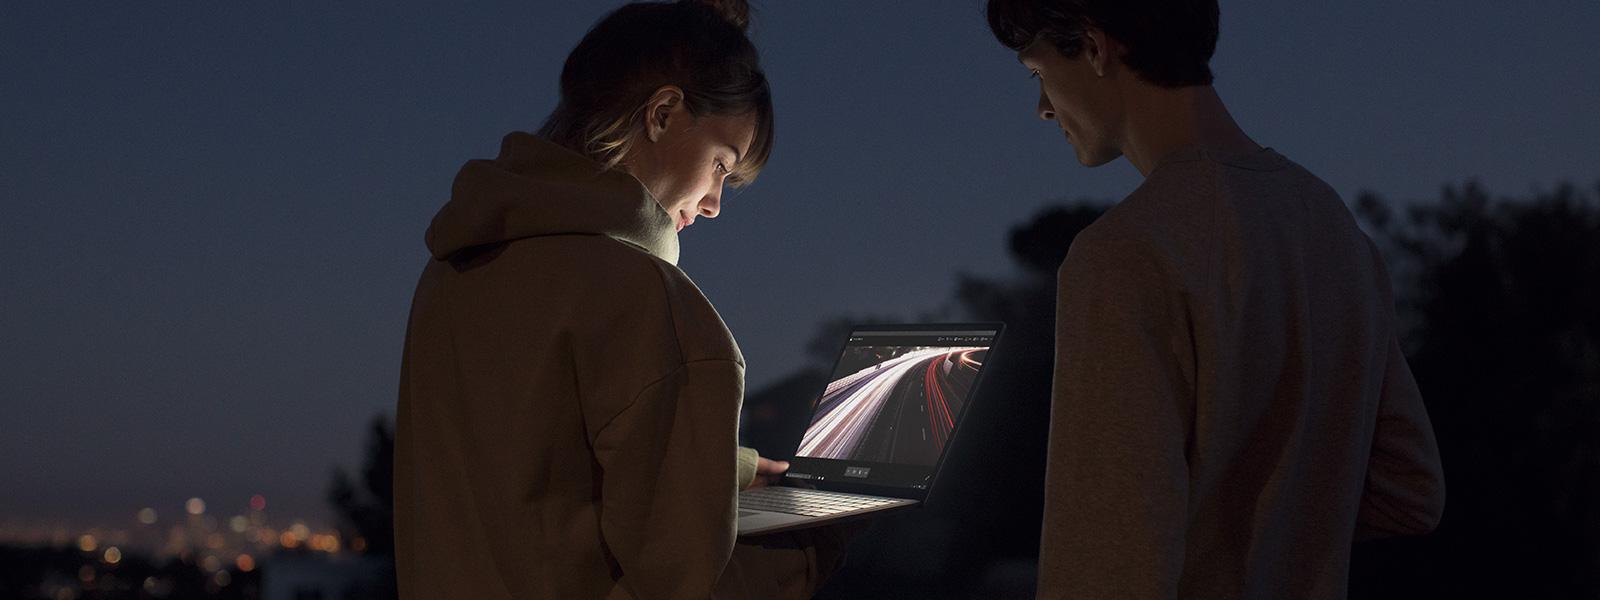 Immagine di due studenti che osservano Surface di notte.